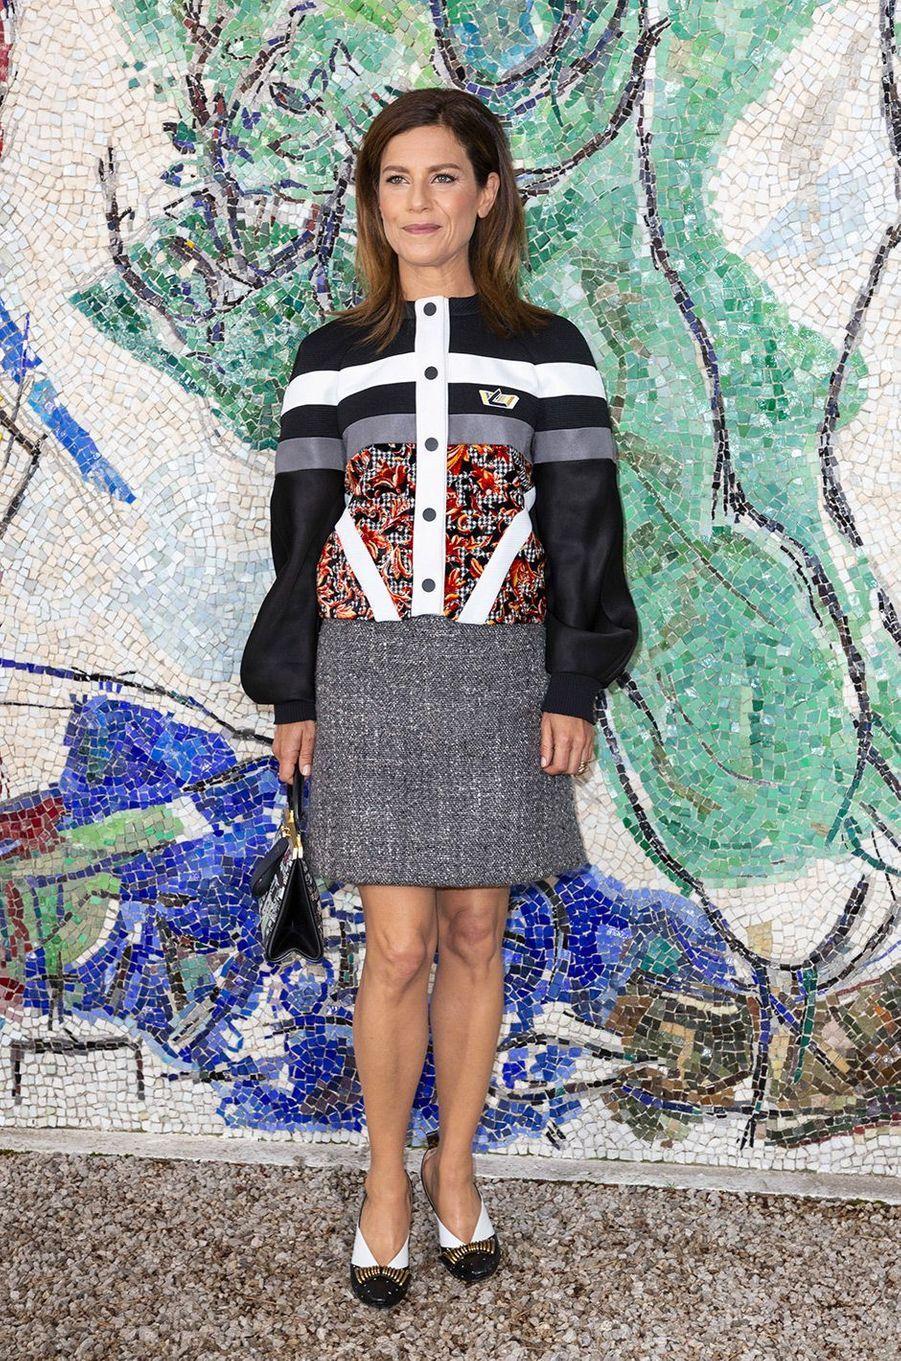 Marina Fois au défilé Louis Vuitton à la fondation Maeght lundi 28 mai